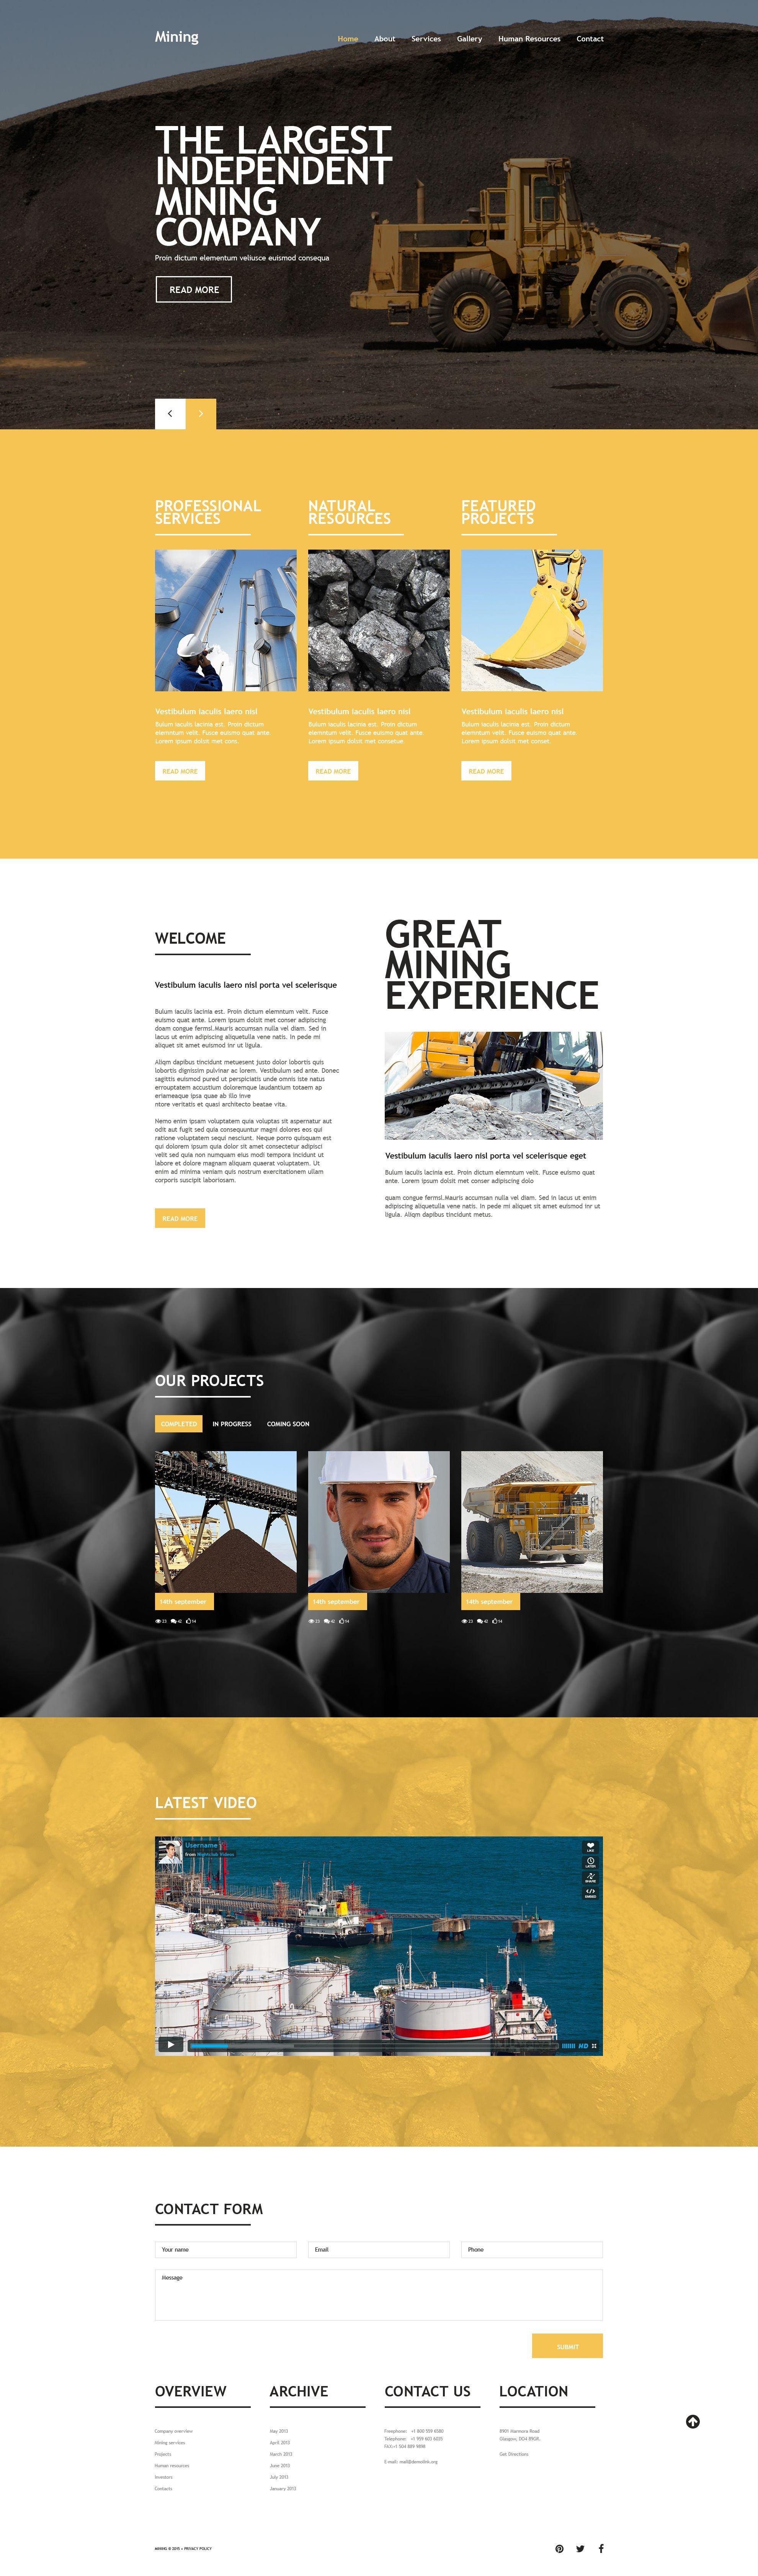 Responsywny szablon strony www Mining Company #54019